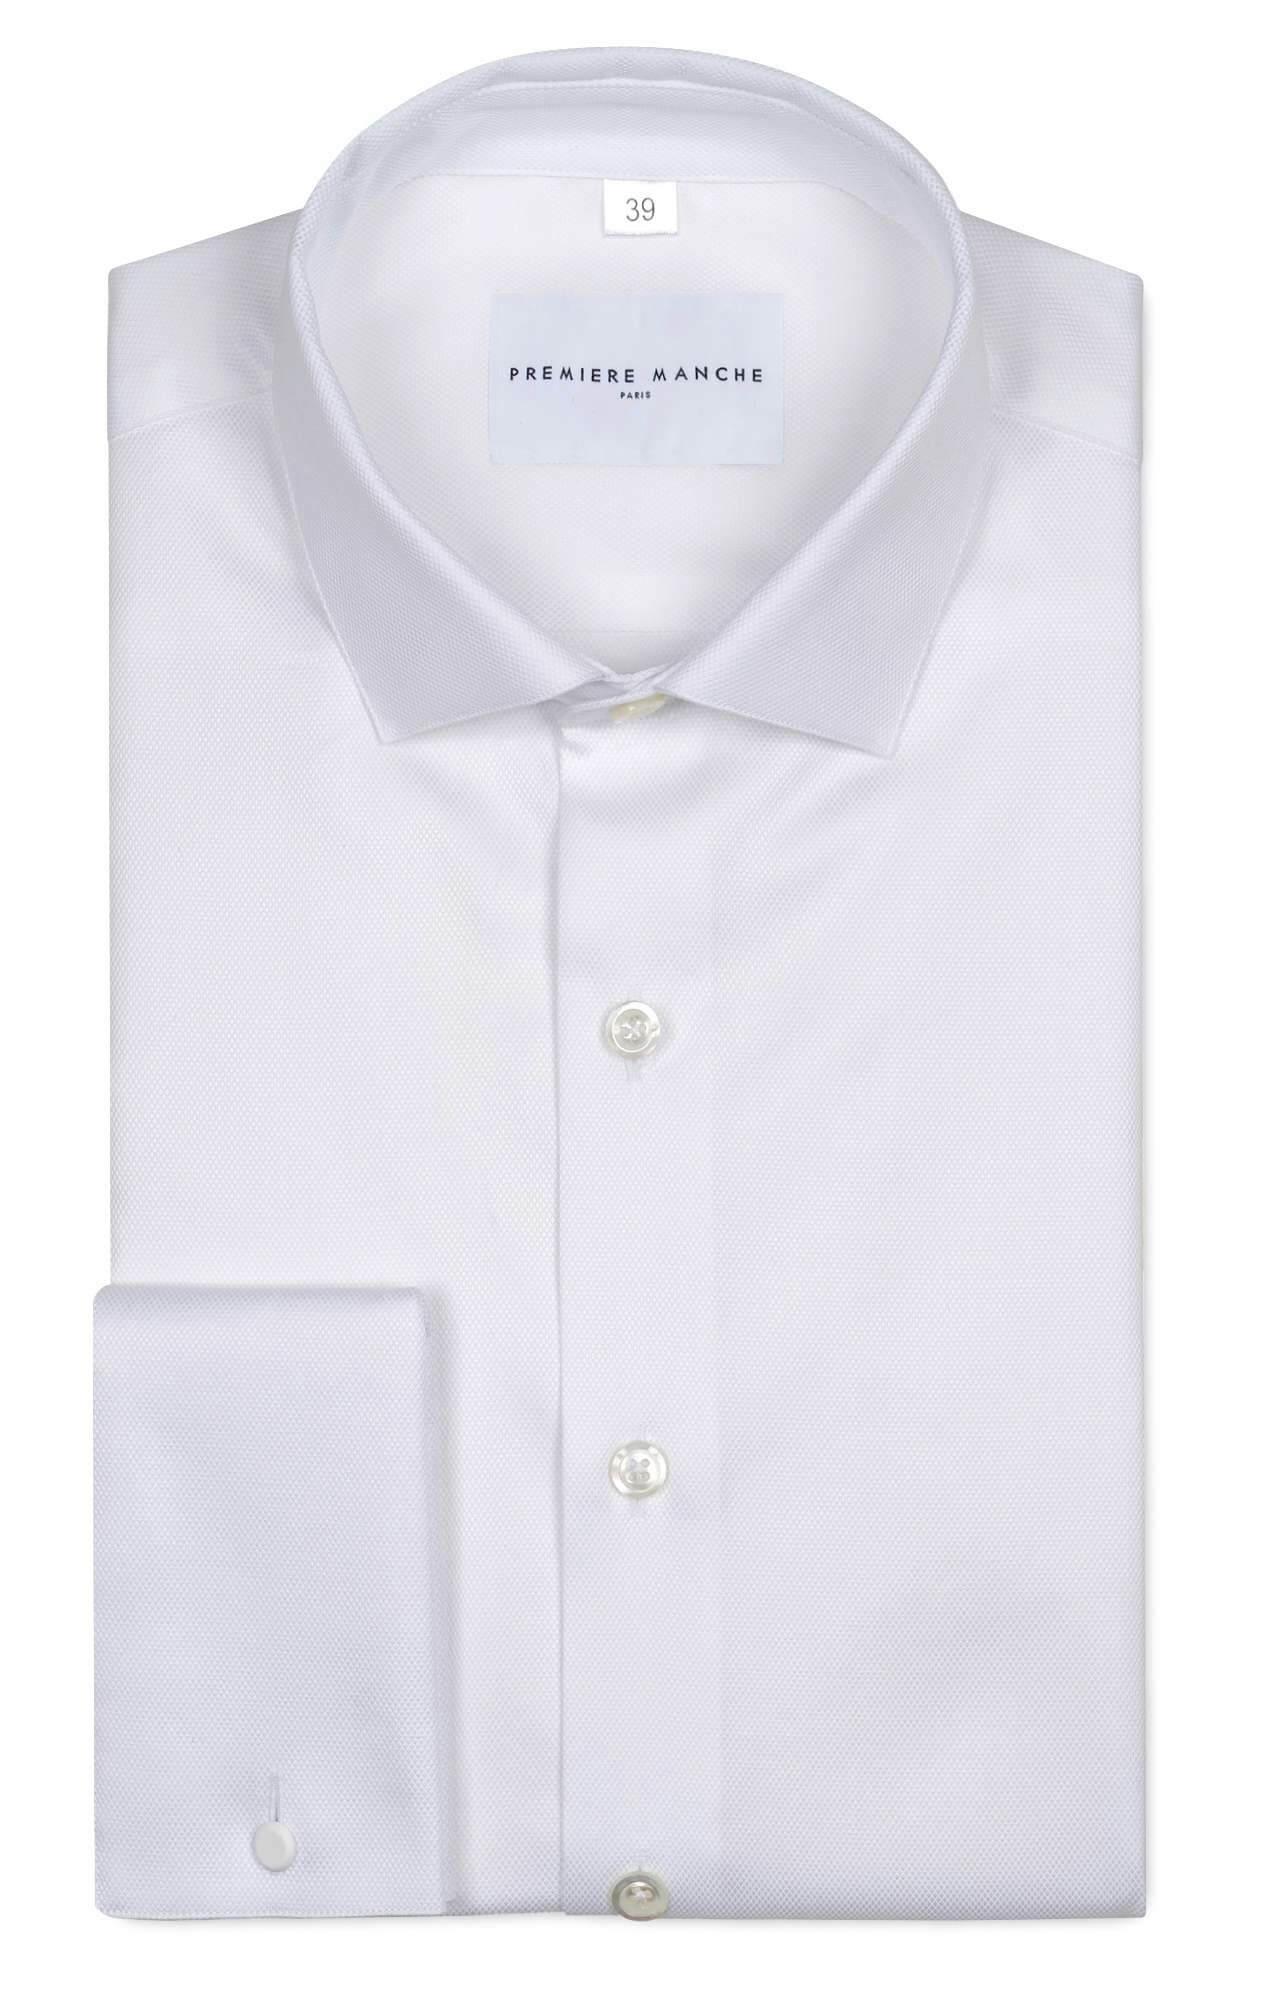 Chemise blanche poignets mousquetaires Les chemises